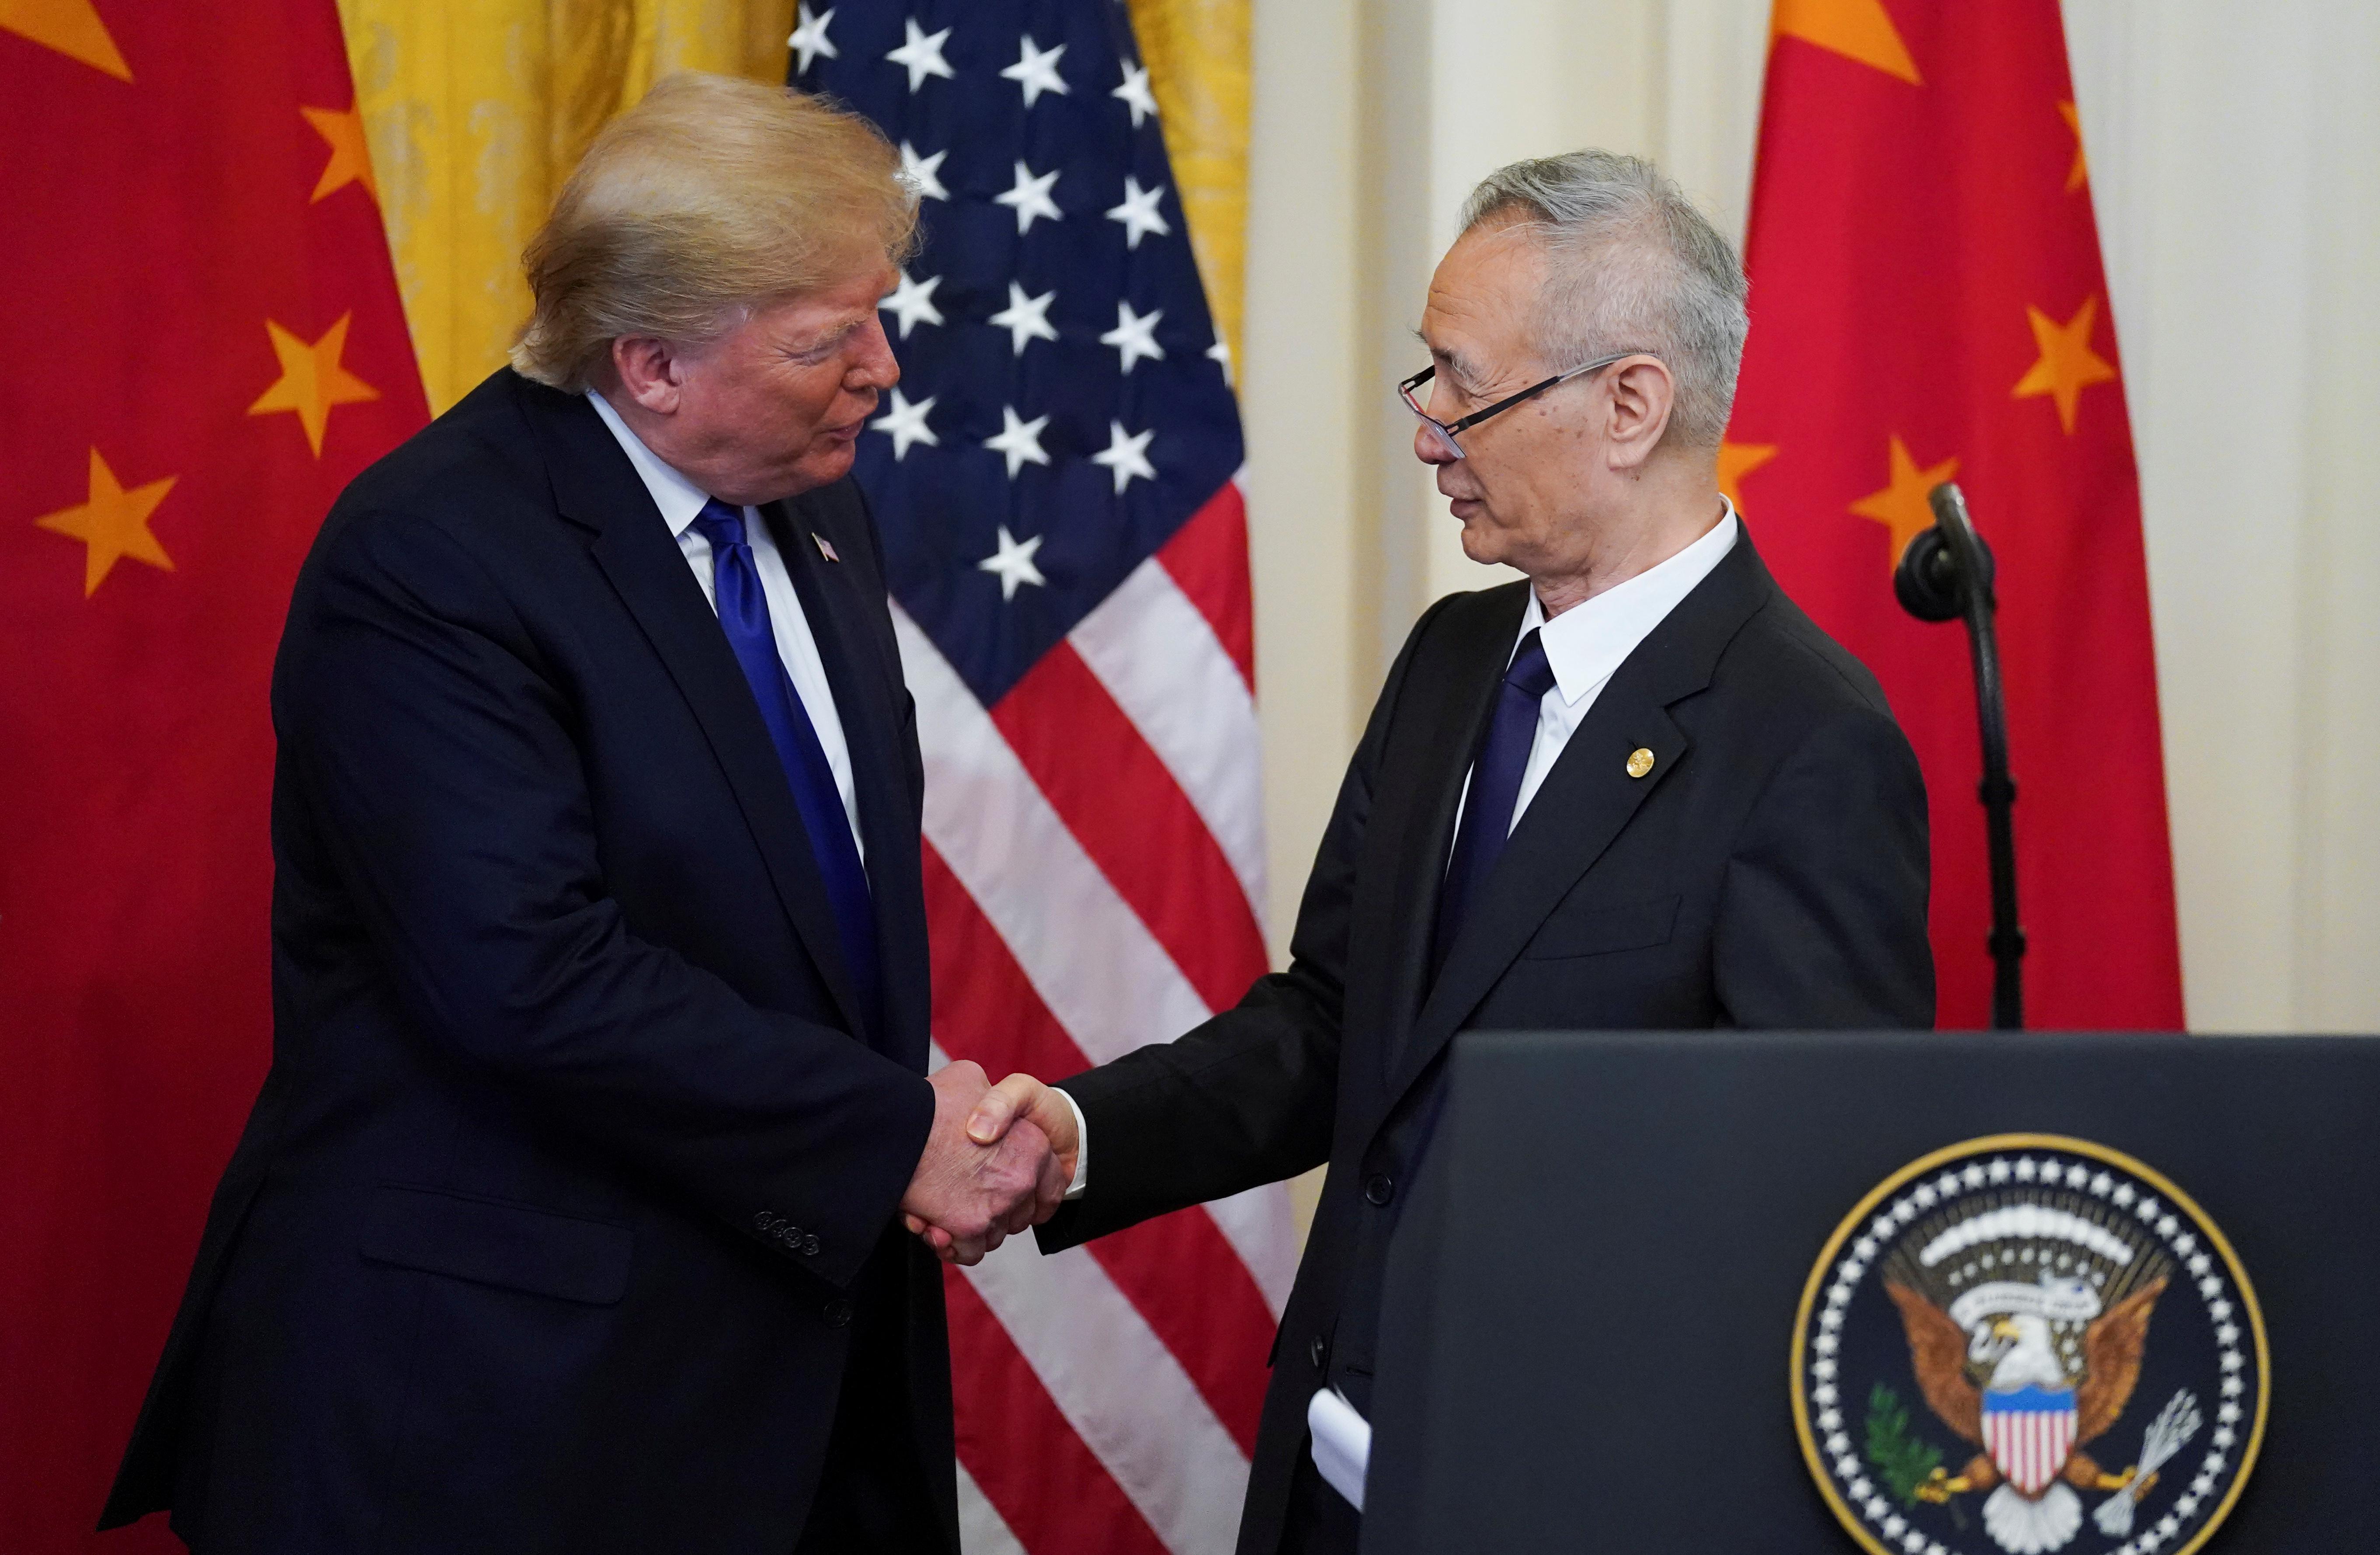 ΗΠΑ: Σε εξέλιξη συζητήσεις για την δεύτερη φάση της εμπορικής συμφωνίας με την Κίνα